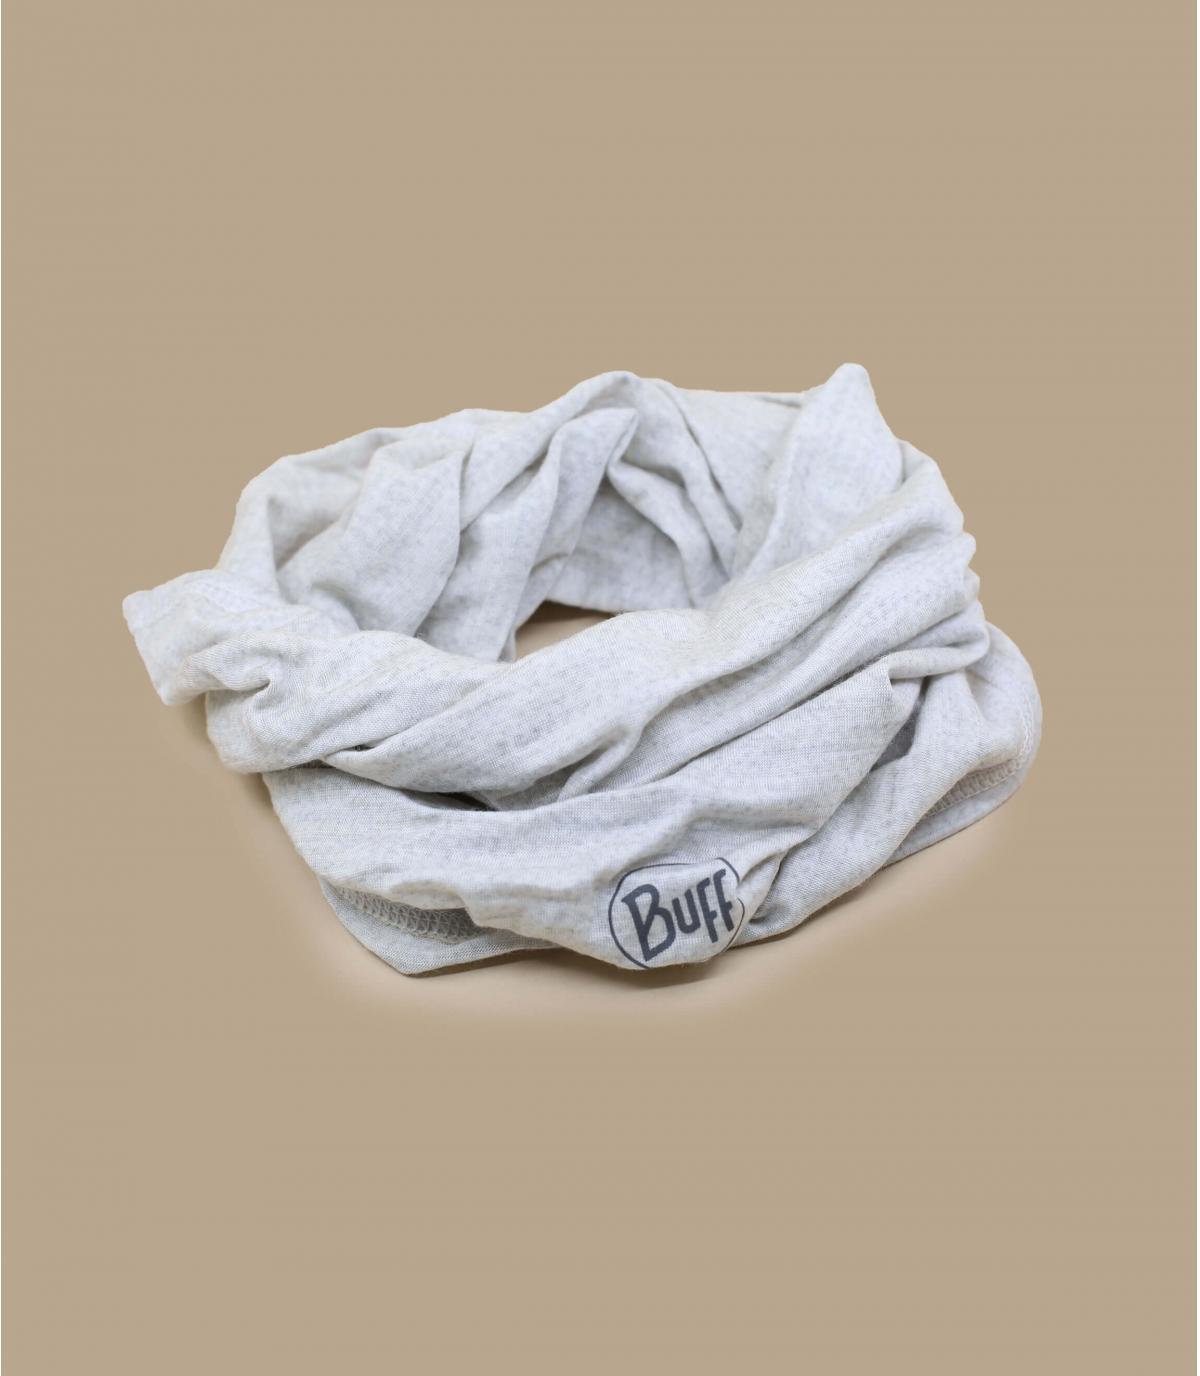 buff blanco lana merino